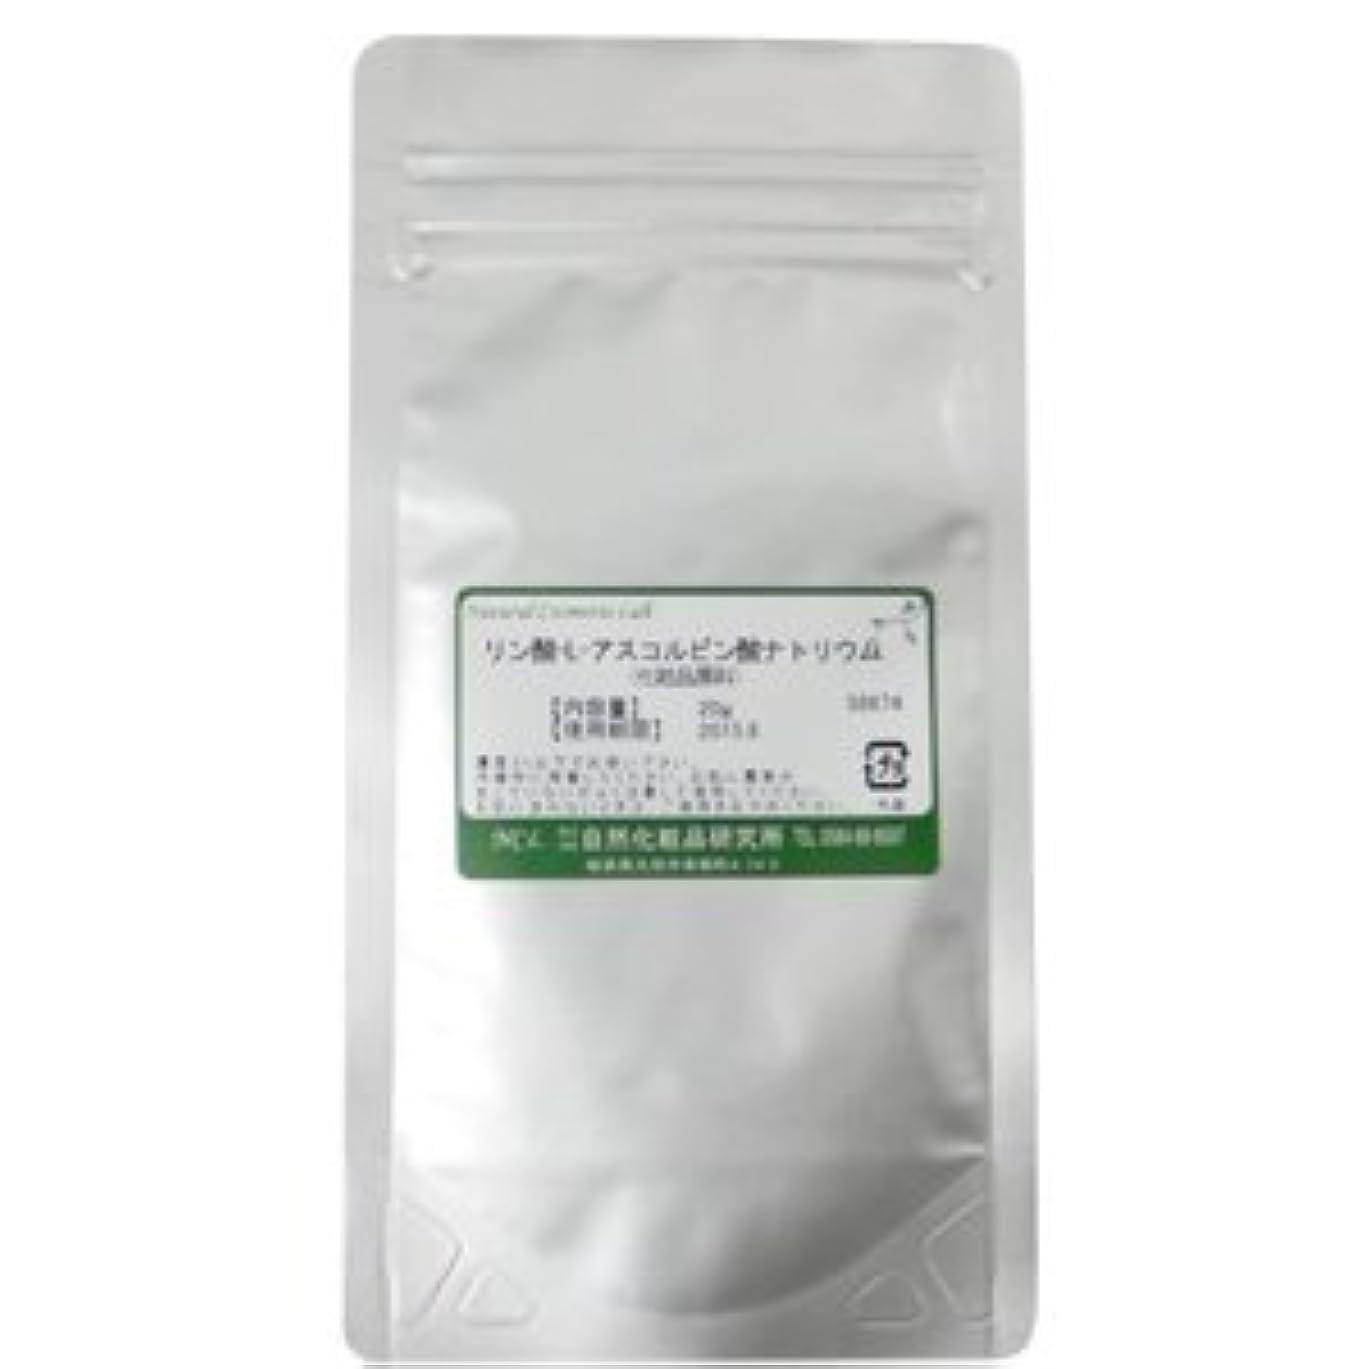 十分でも会計ビタミンC誘導体 リン酸-L-アスコルビン酸ナトリウム 化粧品原料 20g